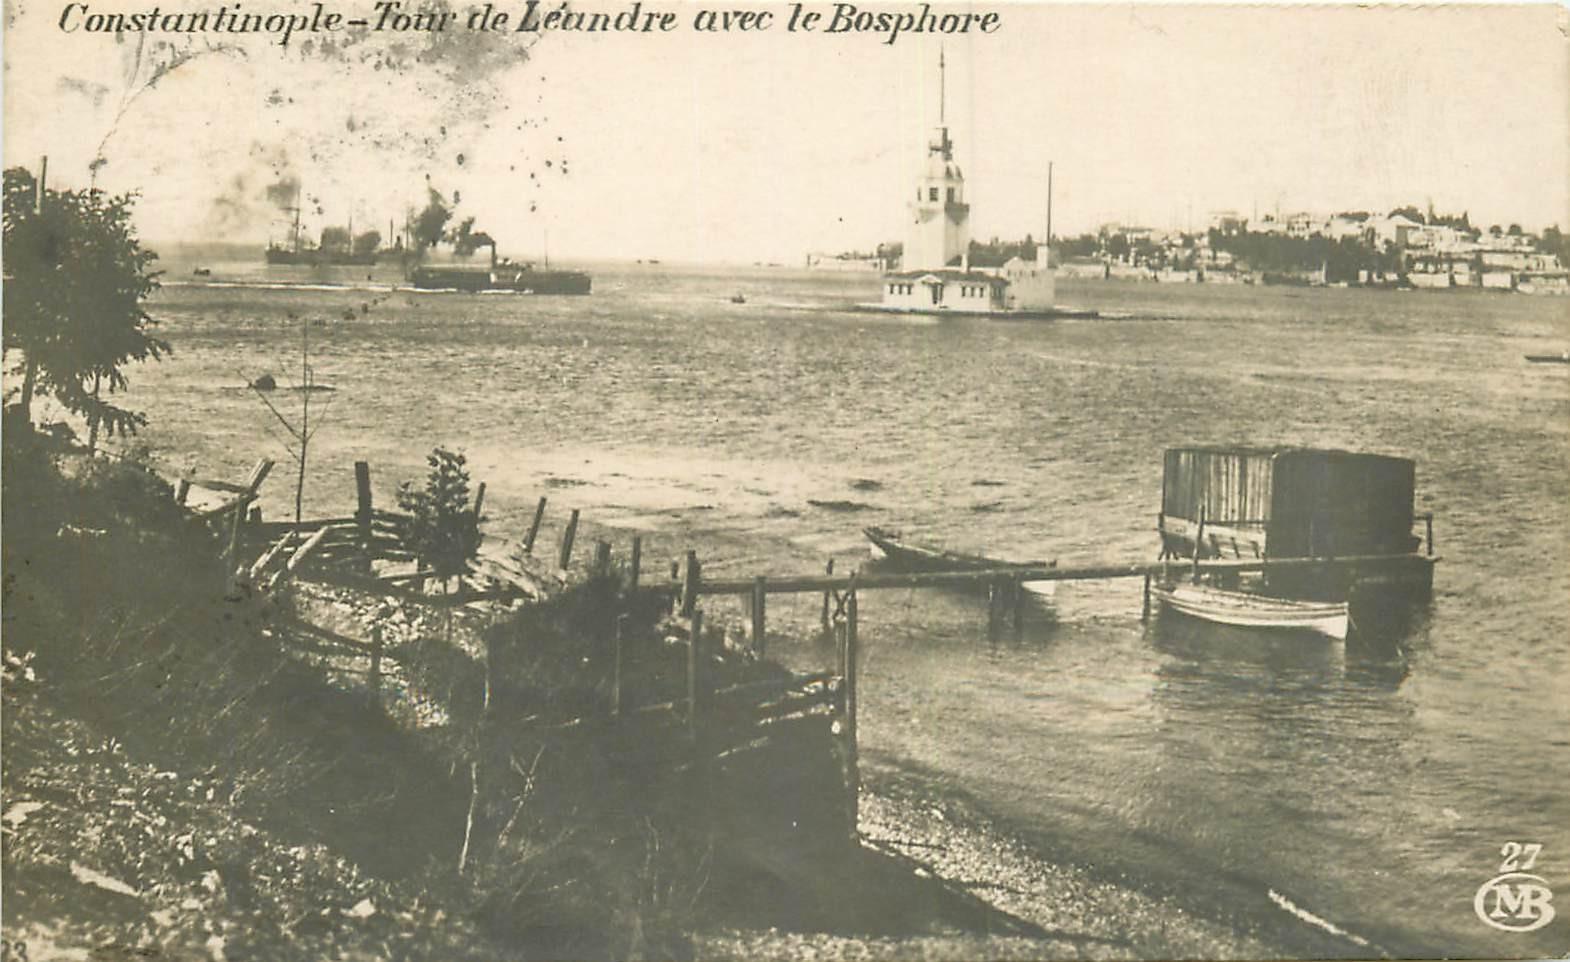 WW CONSTANTINOPLE. Tour de Léandre avec le Bosphore 1922